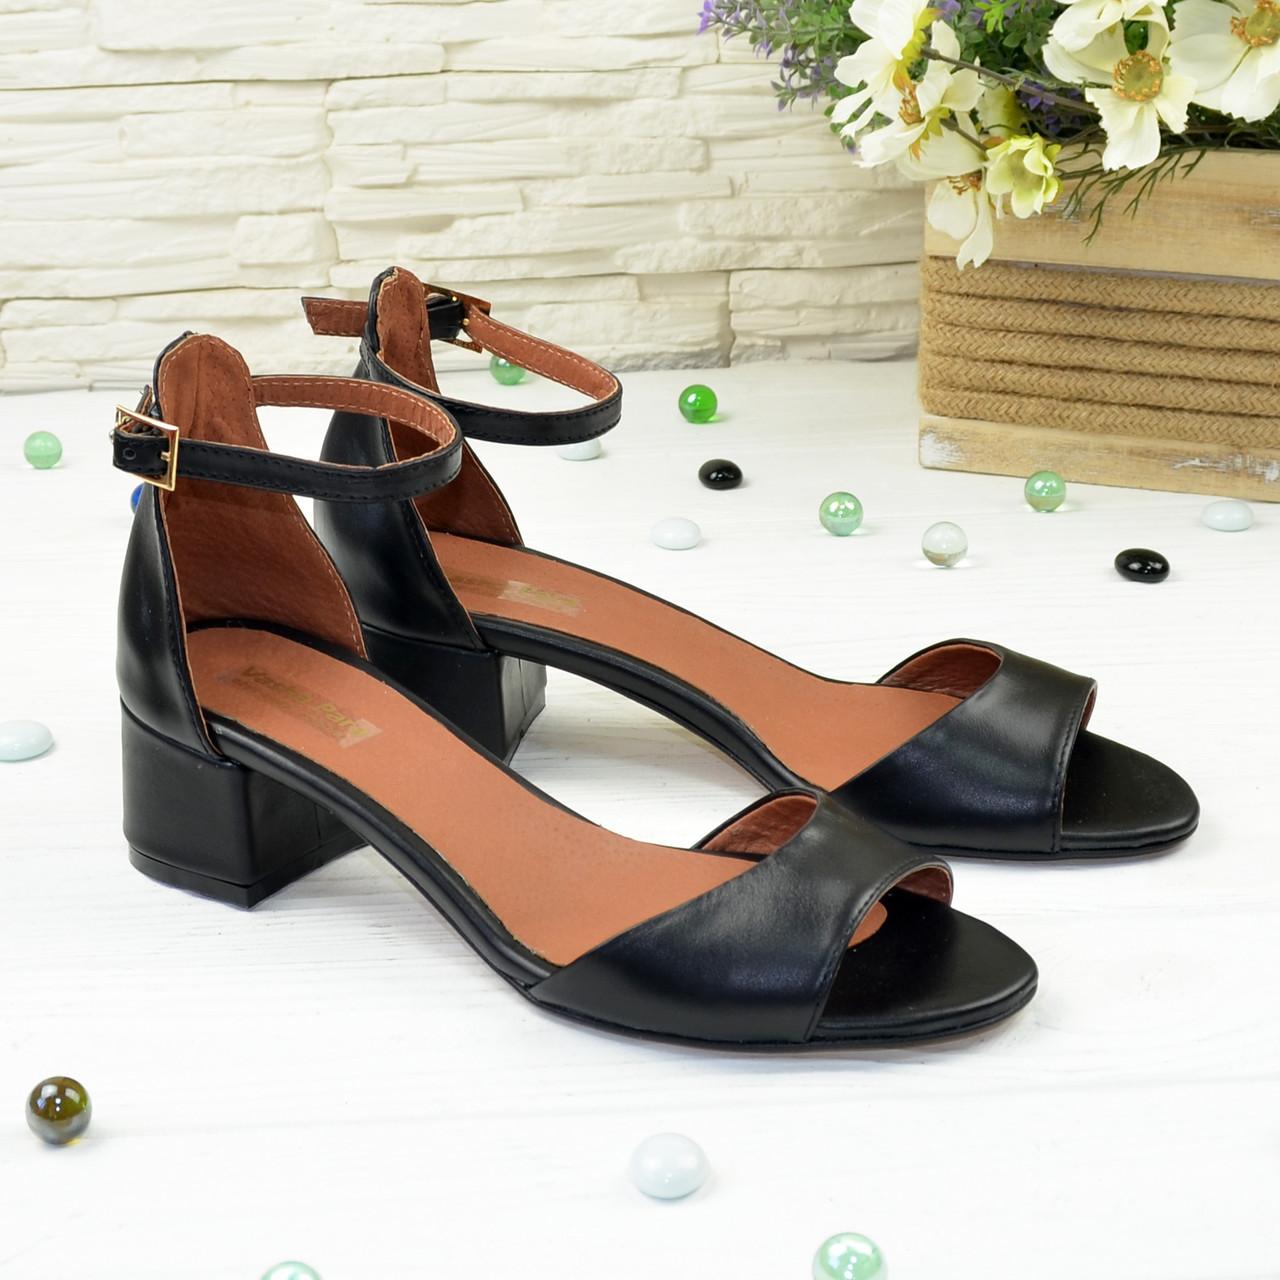 Босоножки женские кожаные на невысоком каблуке, цвет черный